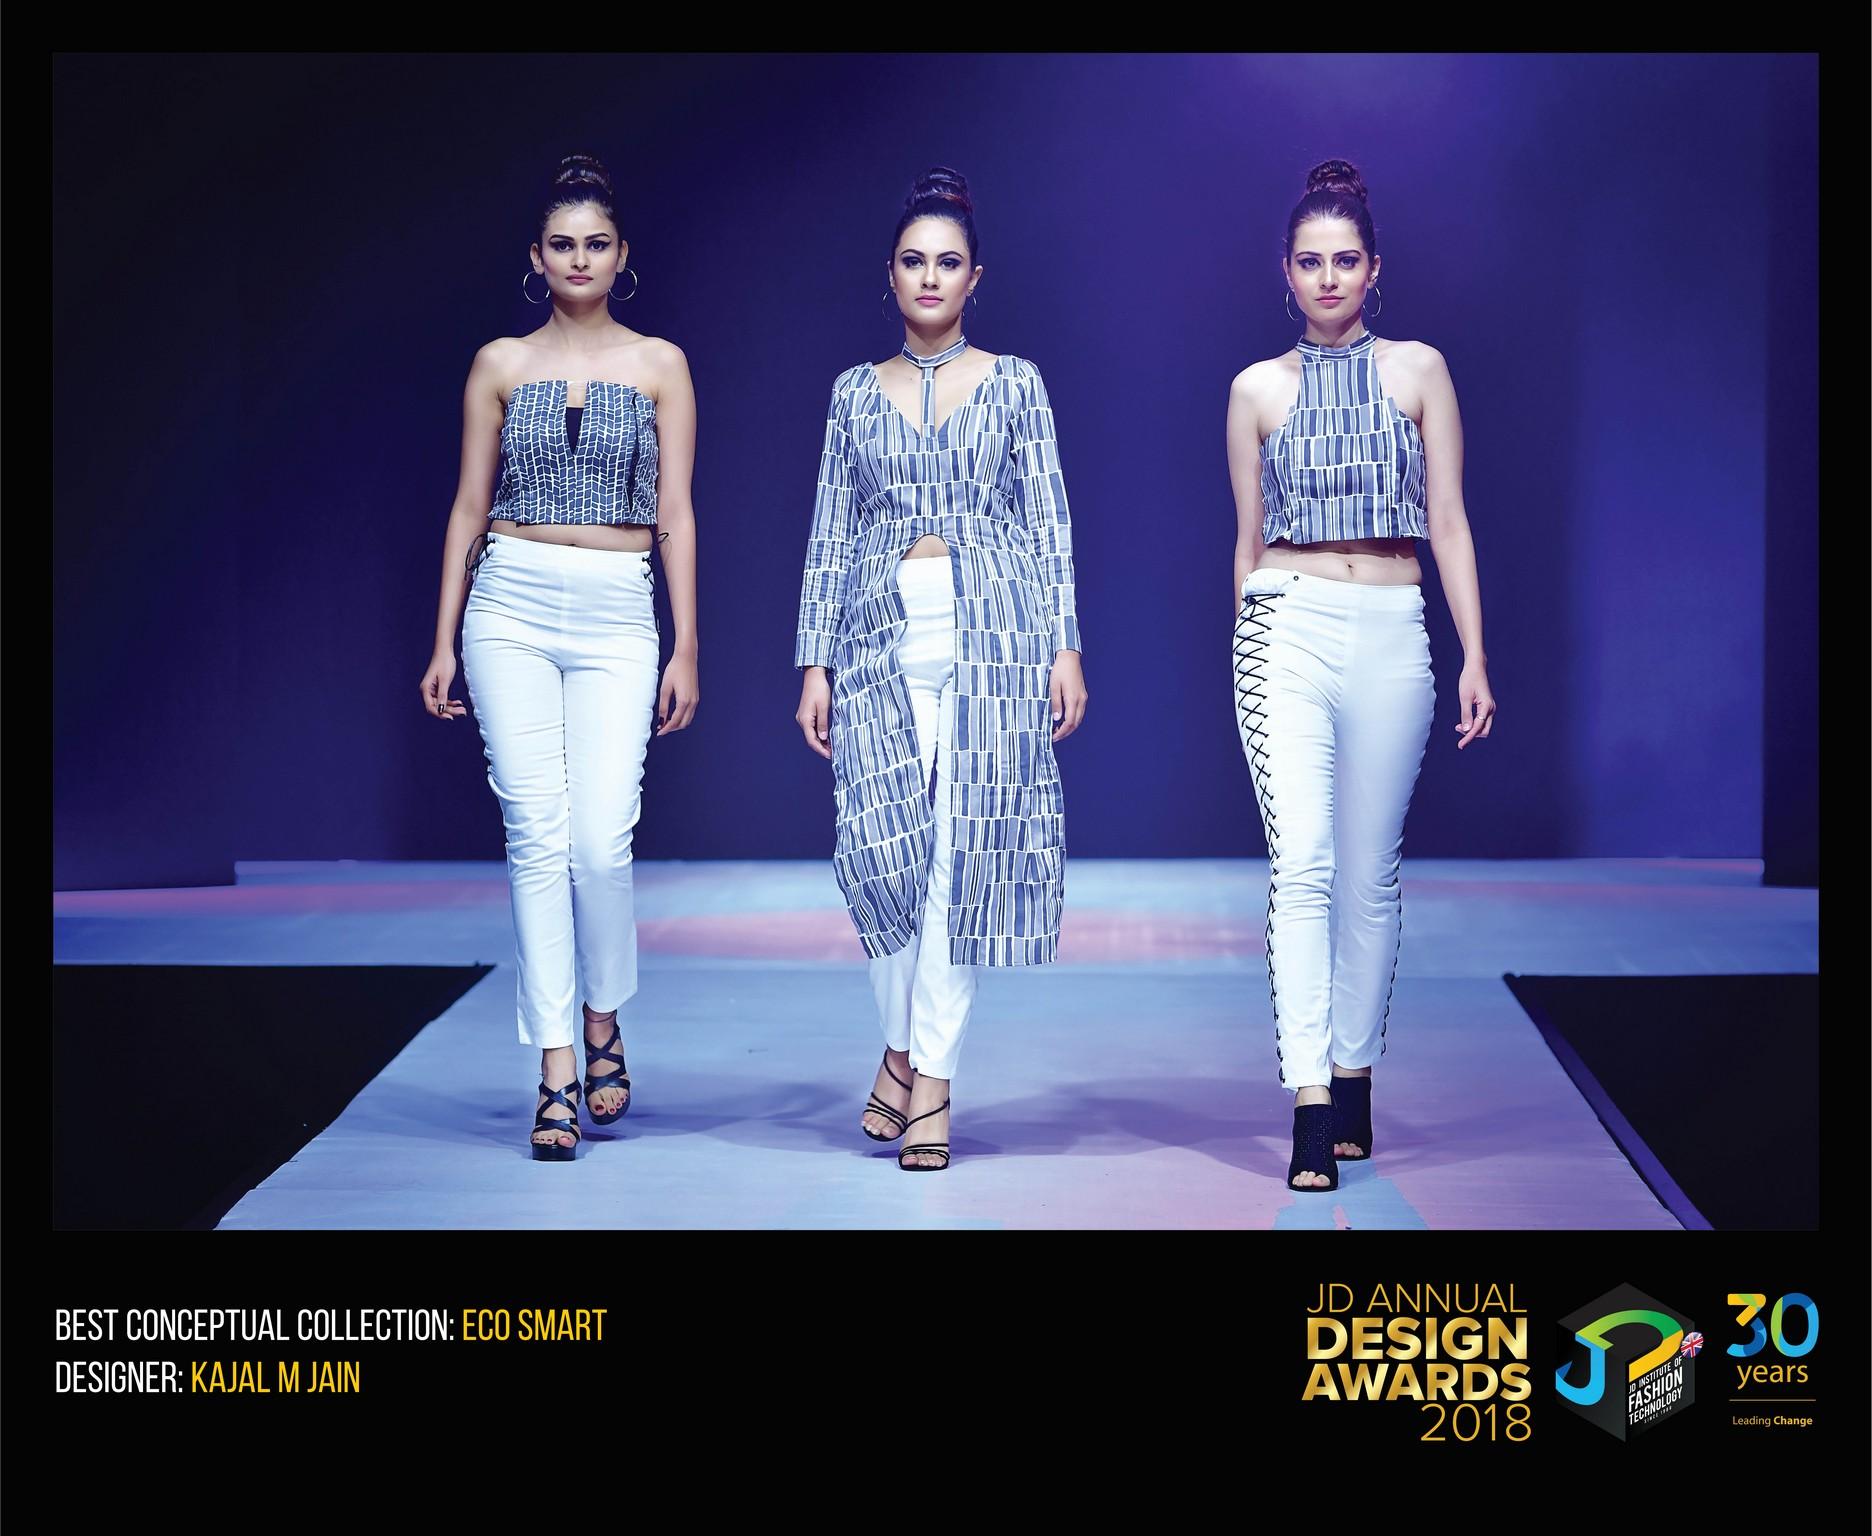 Eco Smart – Change – JD Annual Design Awards 2018 | Designer: Kajal Jain (ADFD 2015) | Photography : Jerin Nath (@jerin_nath) eco smart Eco Smart – Change – JD Annual Design Awards 2018 Eco Smart3 1